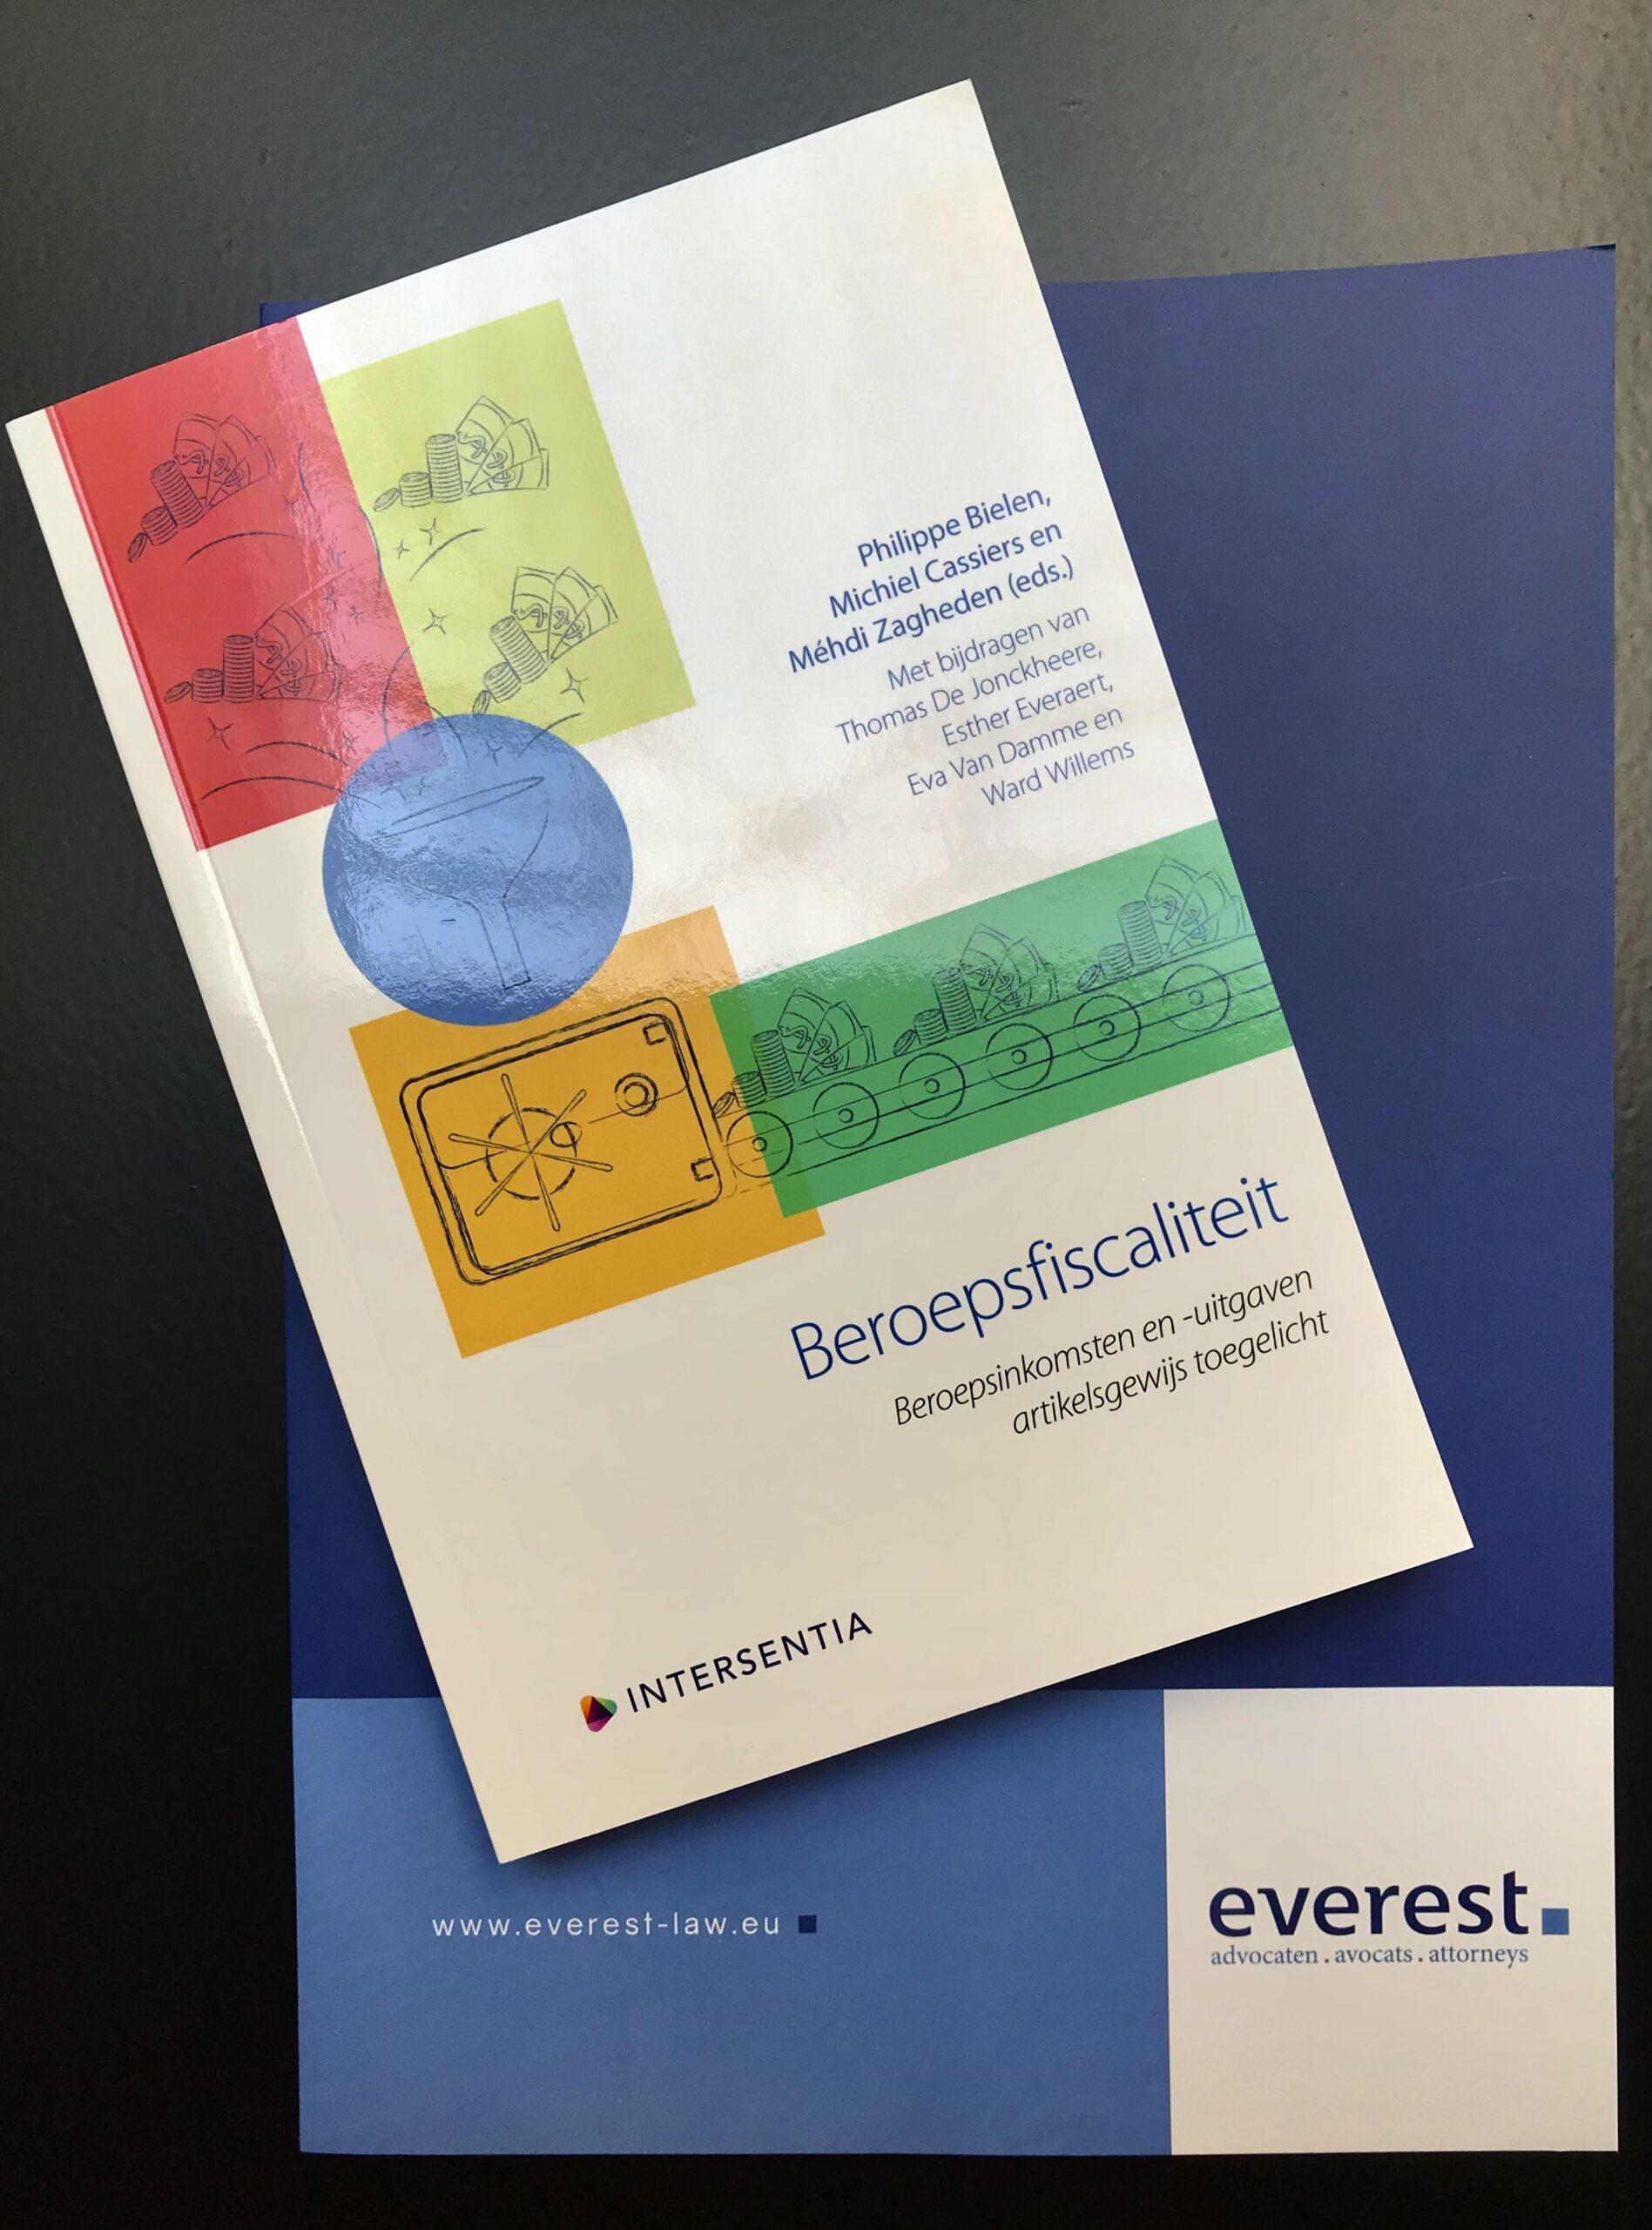 Publicatie 'Beroepsfiscaliteit' bij Intersentia